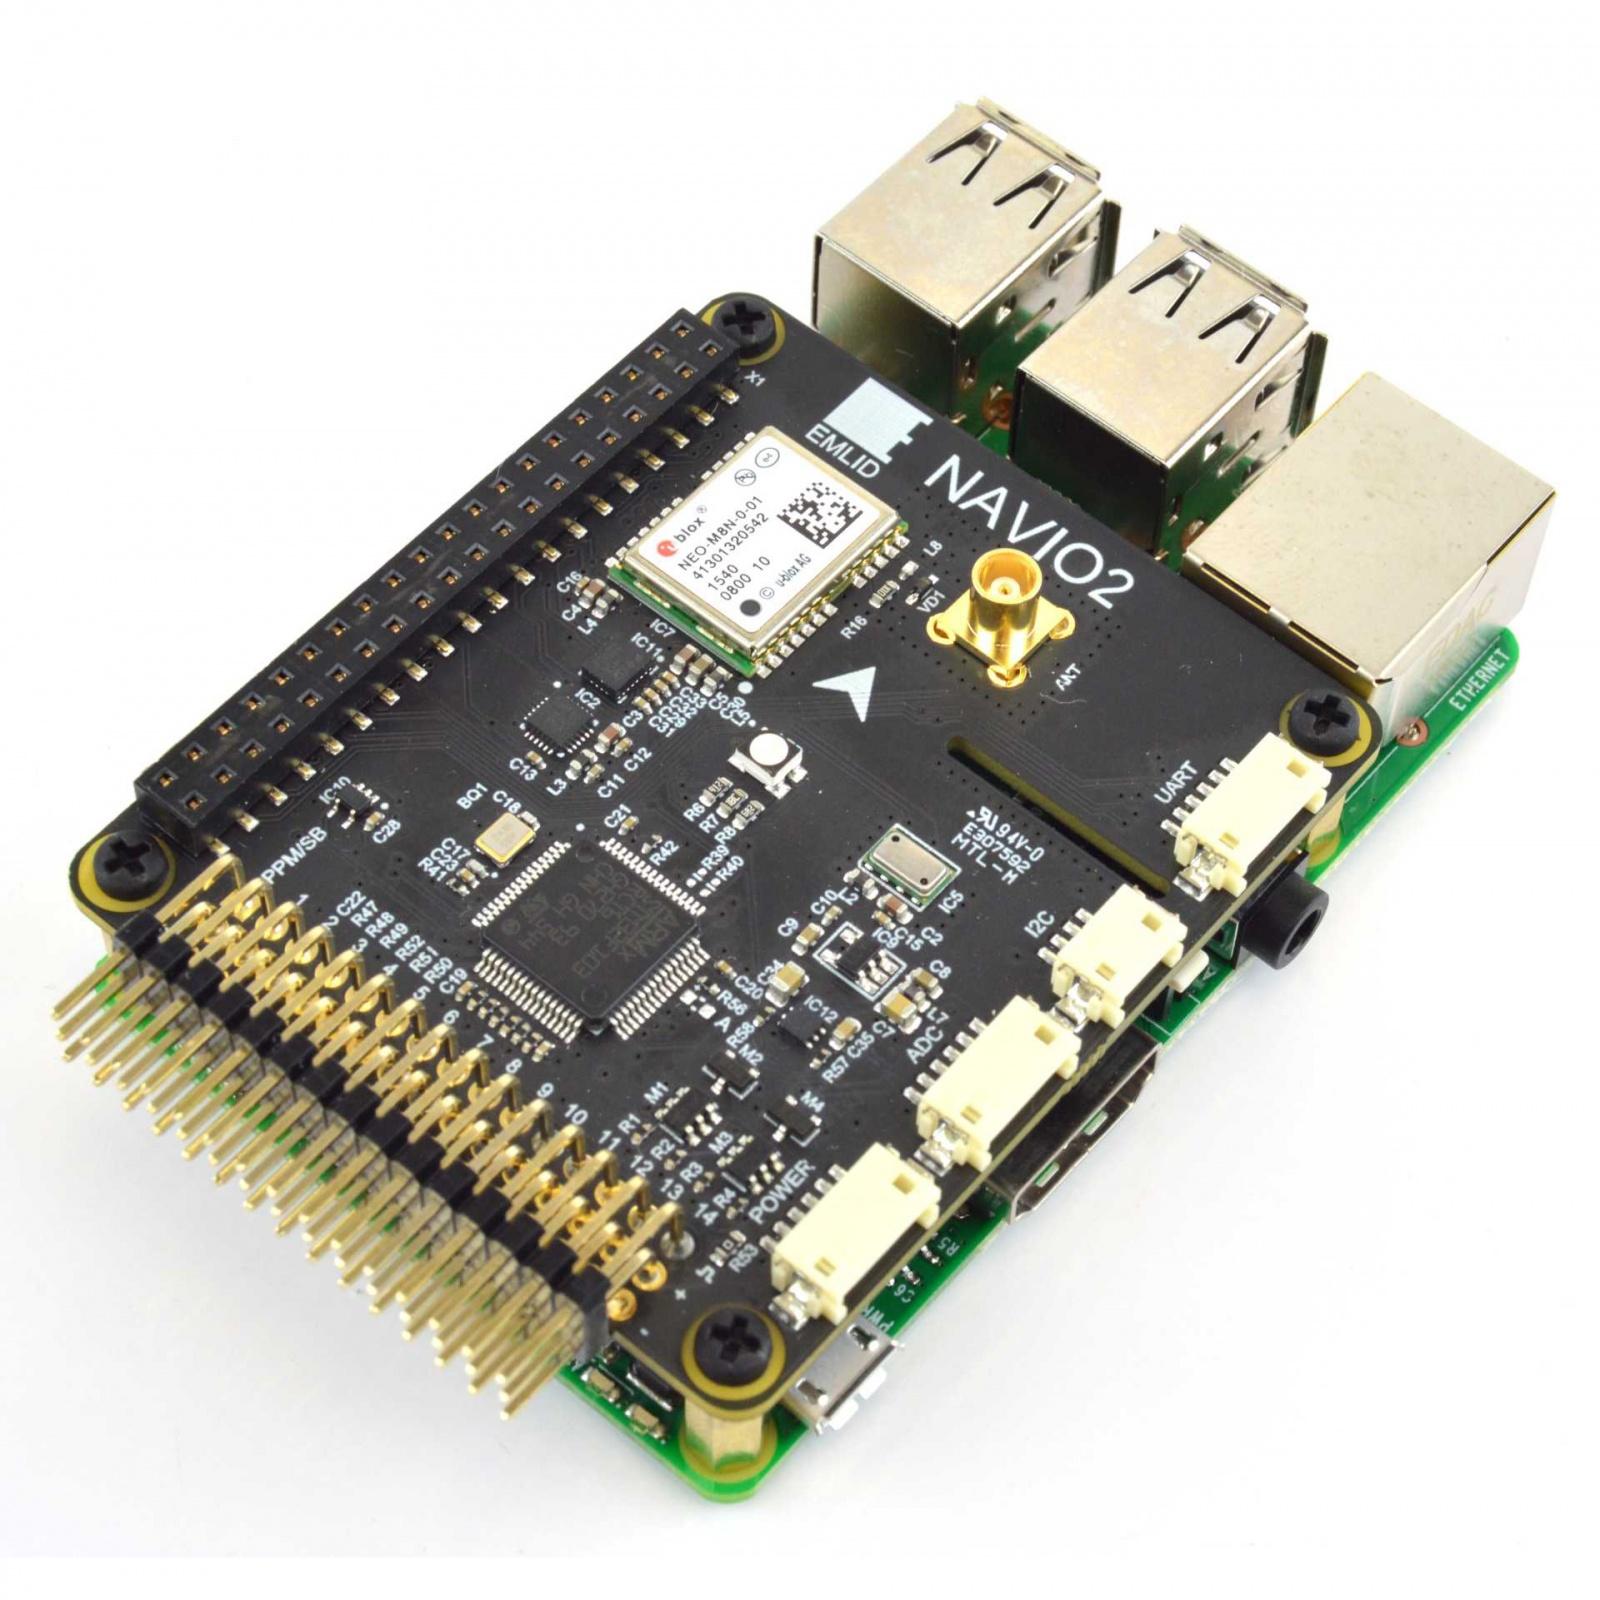 DIY автономный дрон с управлением через интернет - 4